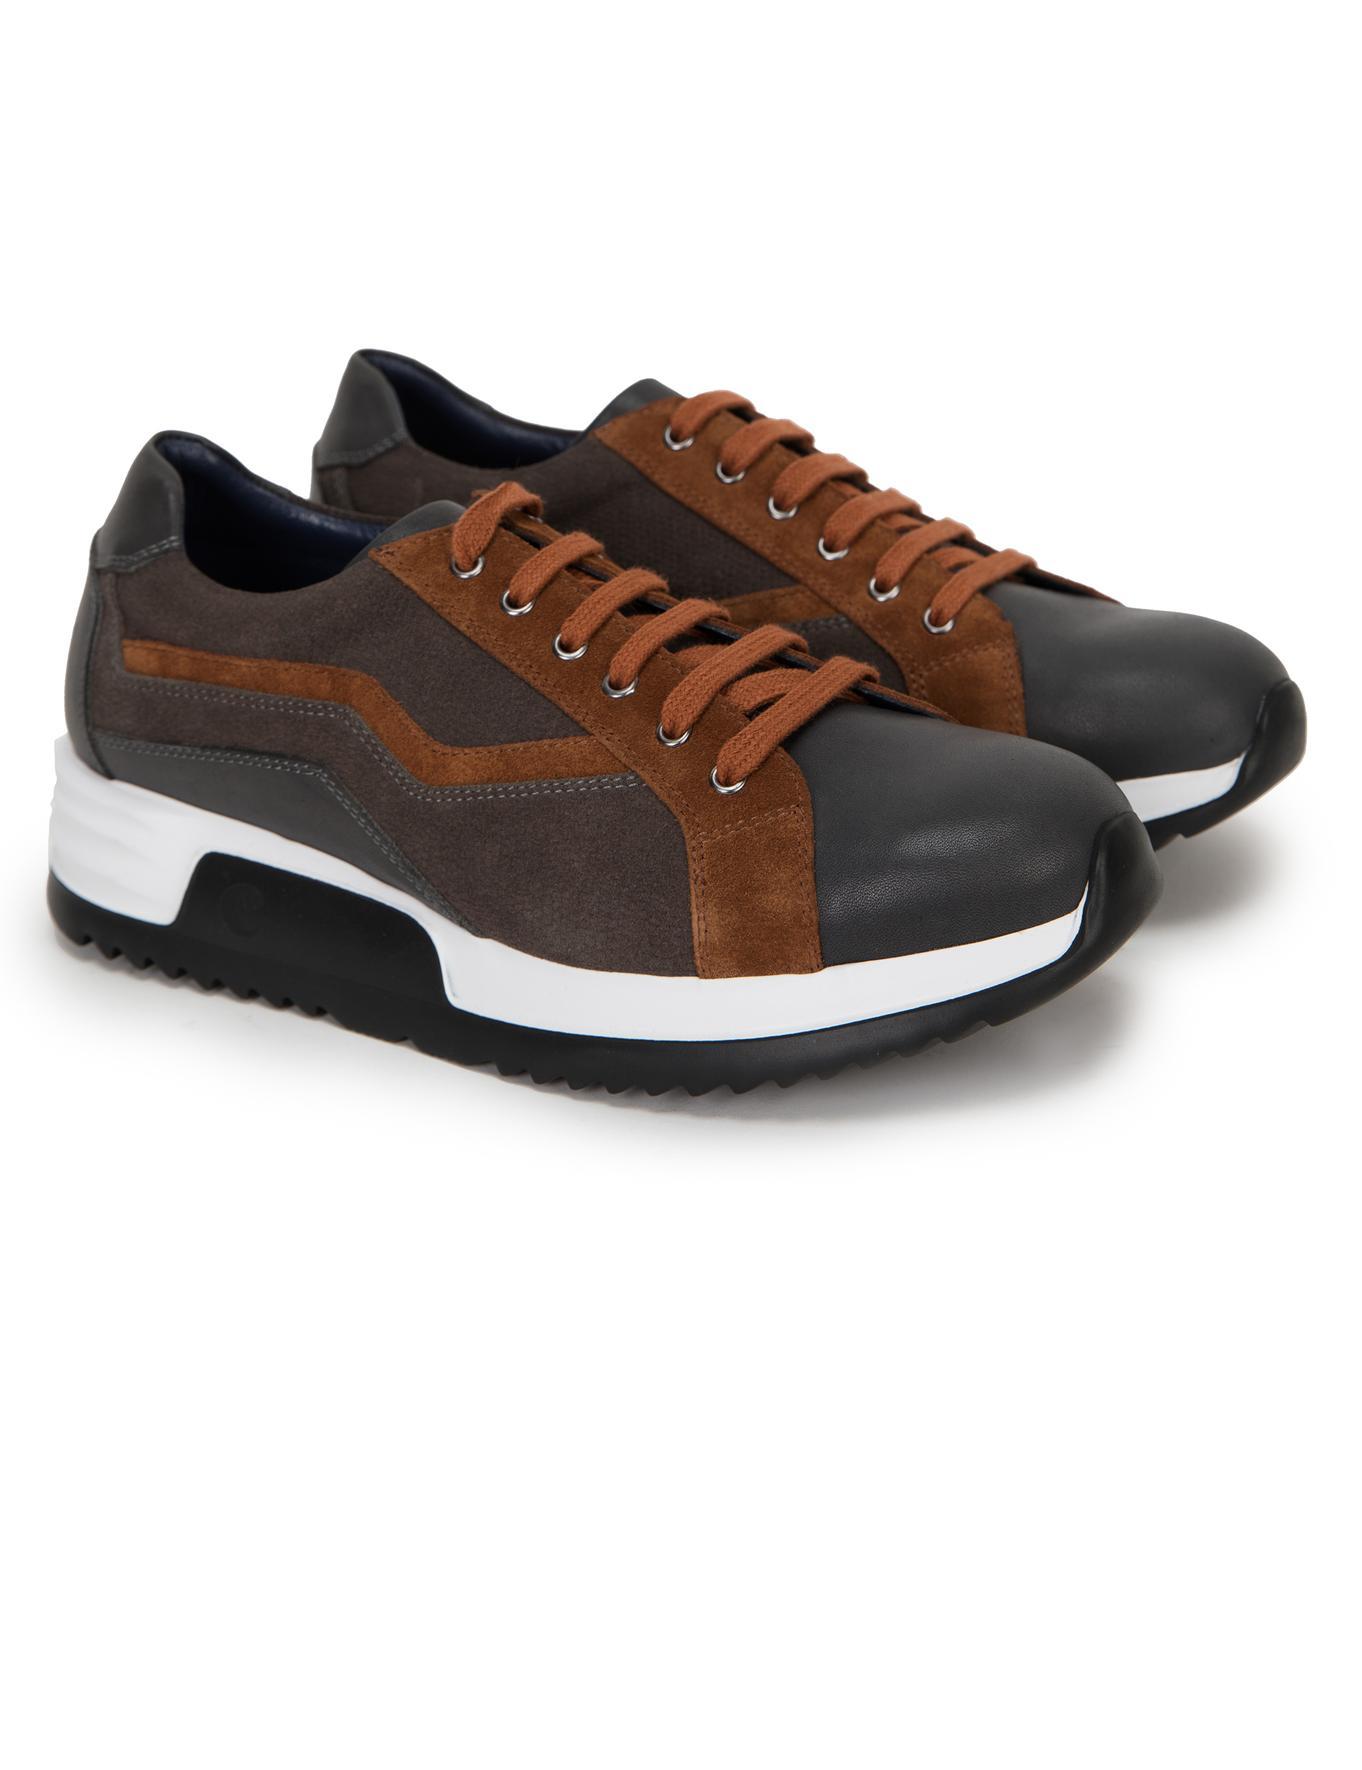 Antrasit Ayakkabı - 50214182003